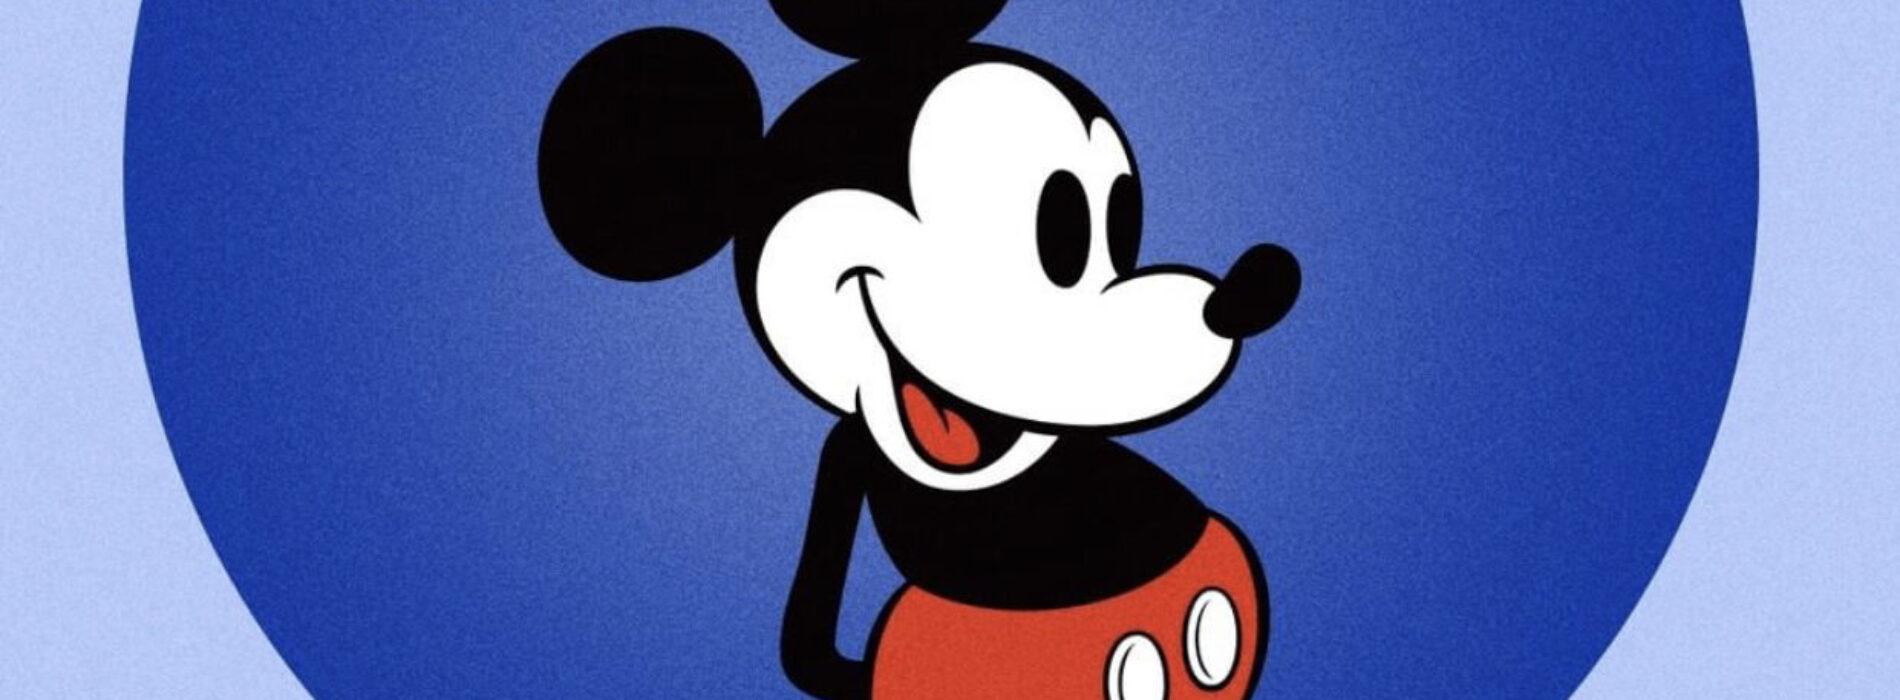 Buon compleanno Topolino! Mickey Mouse compie 92anni